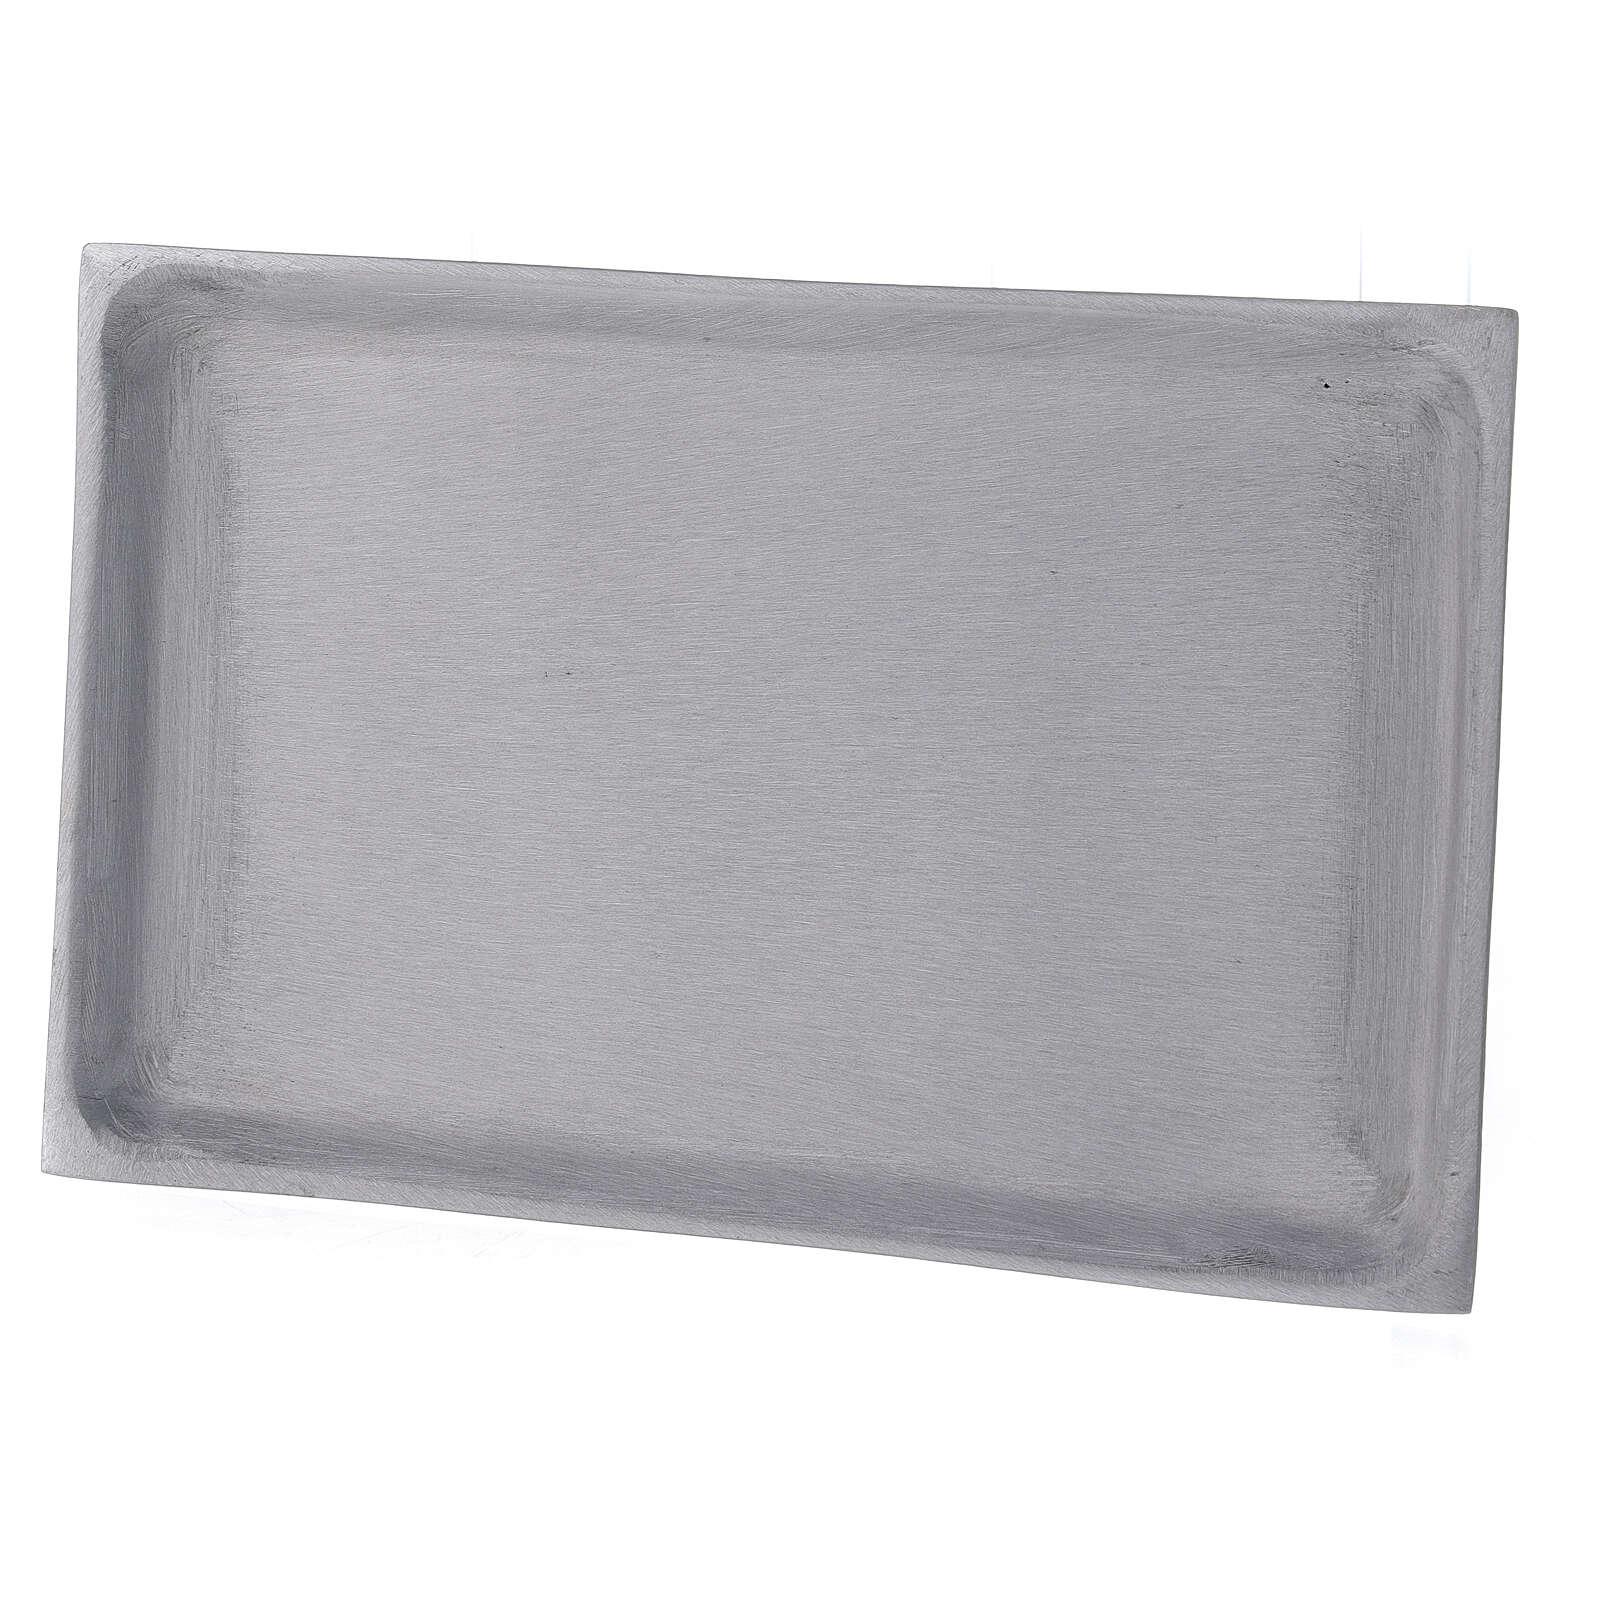 Bougeoir assiette rectangulaire laiton nickelé brossé 23x13 cm 3